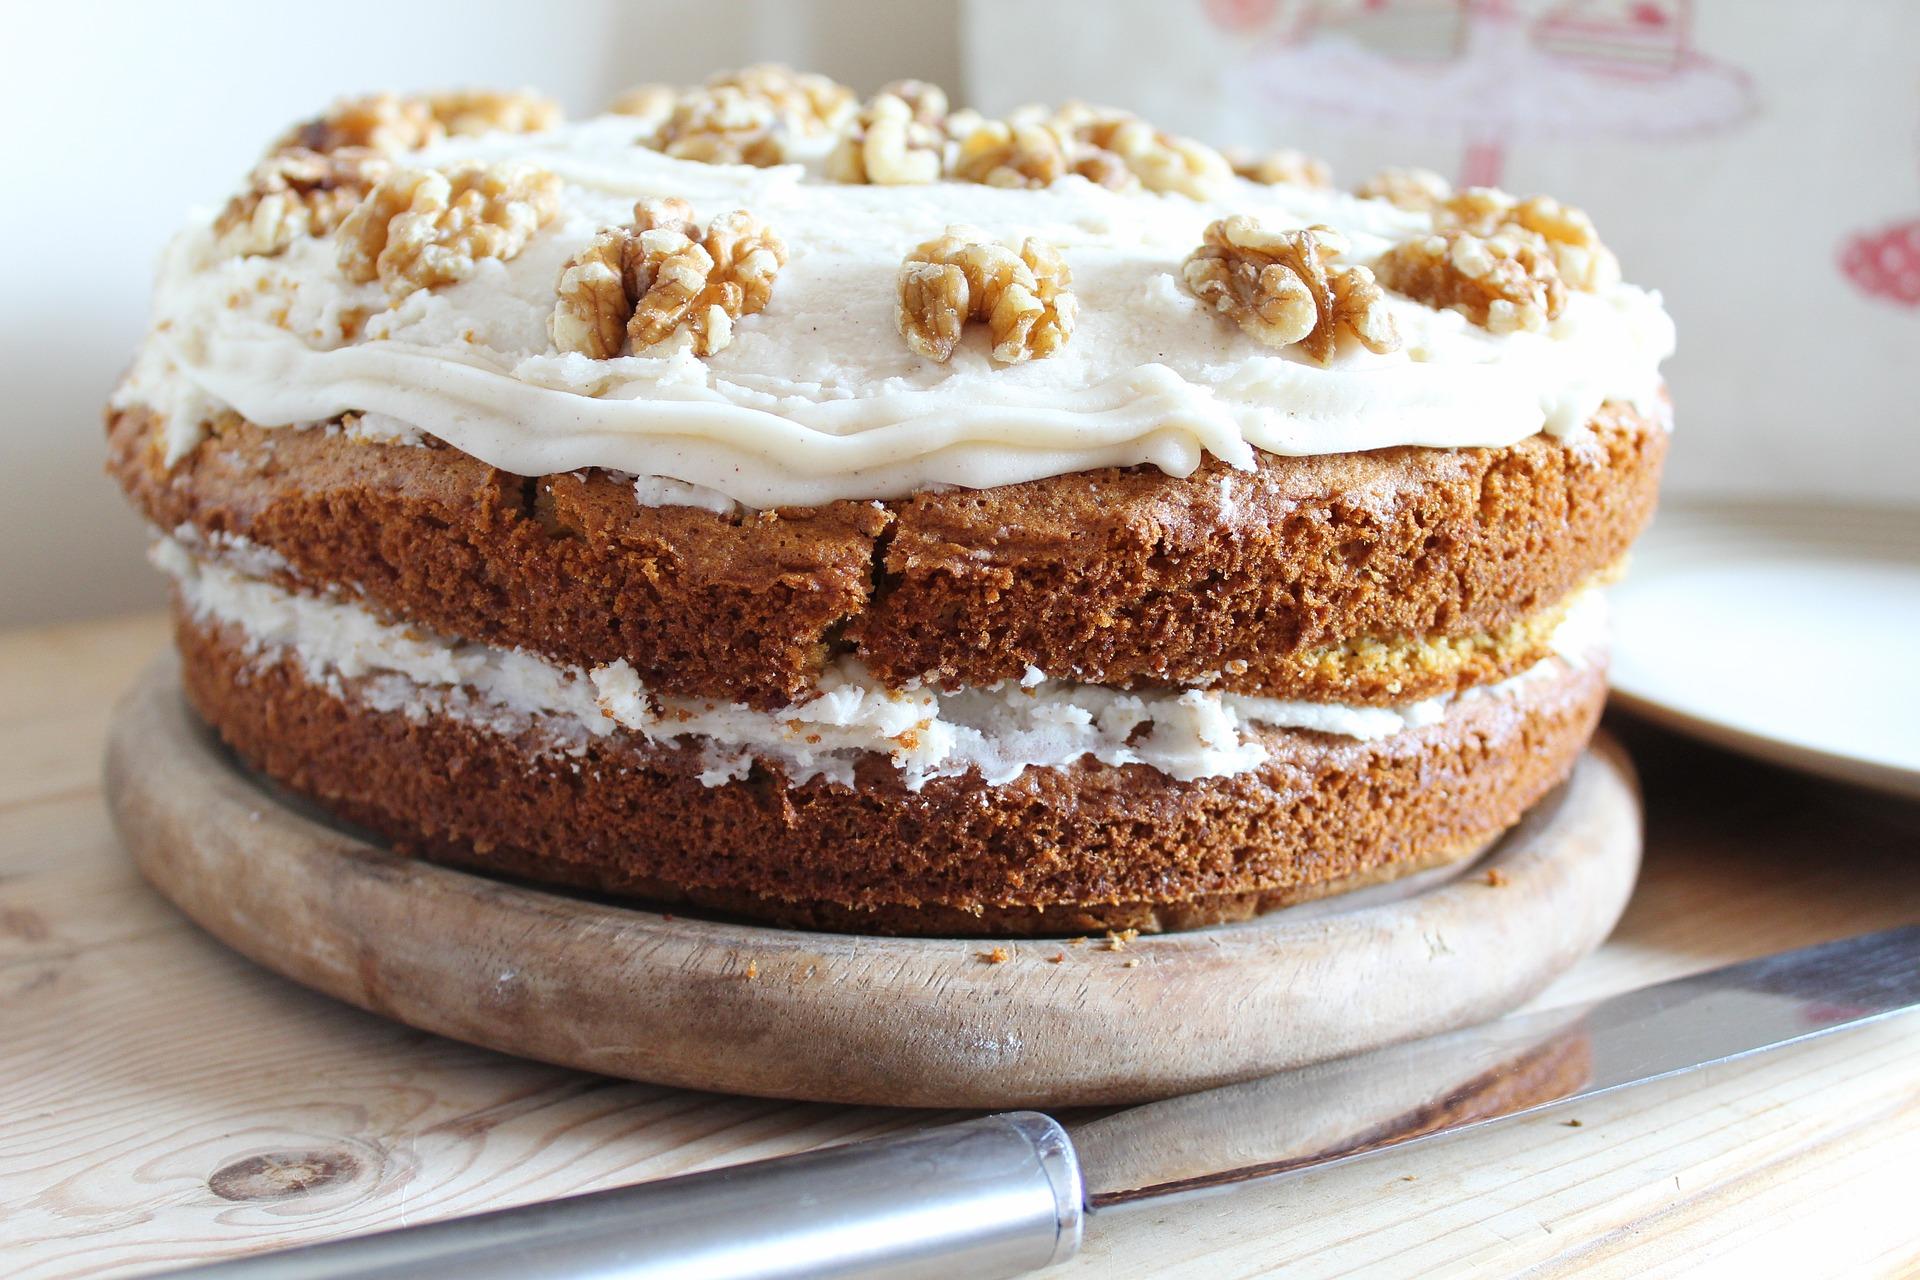 carrot-cake-2771296_1920.jpg